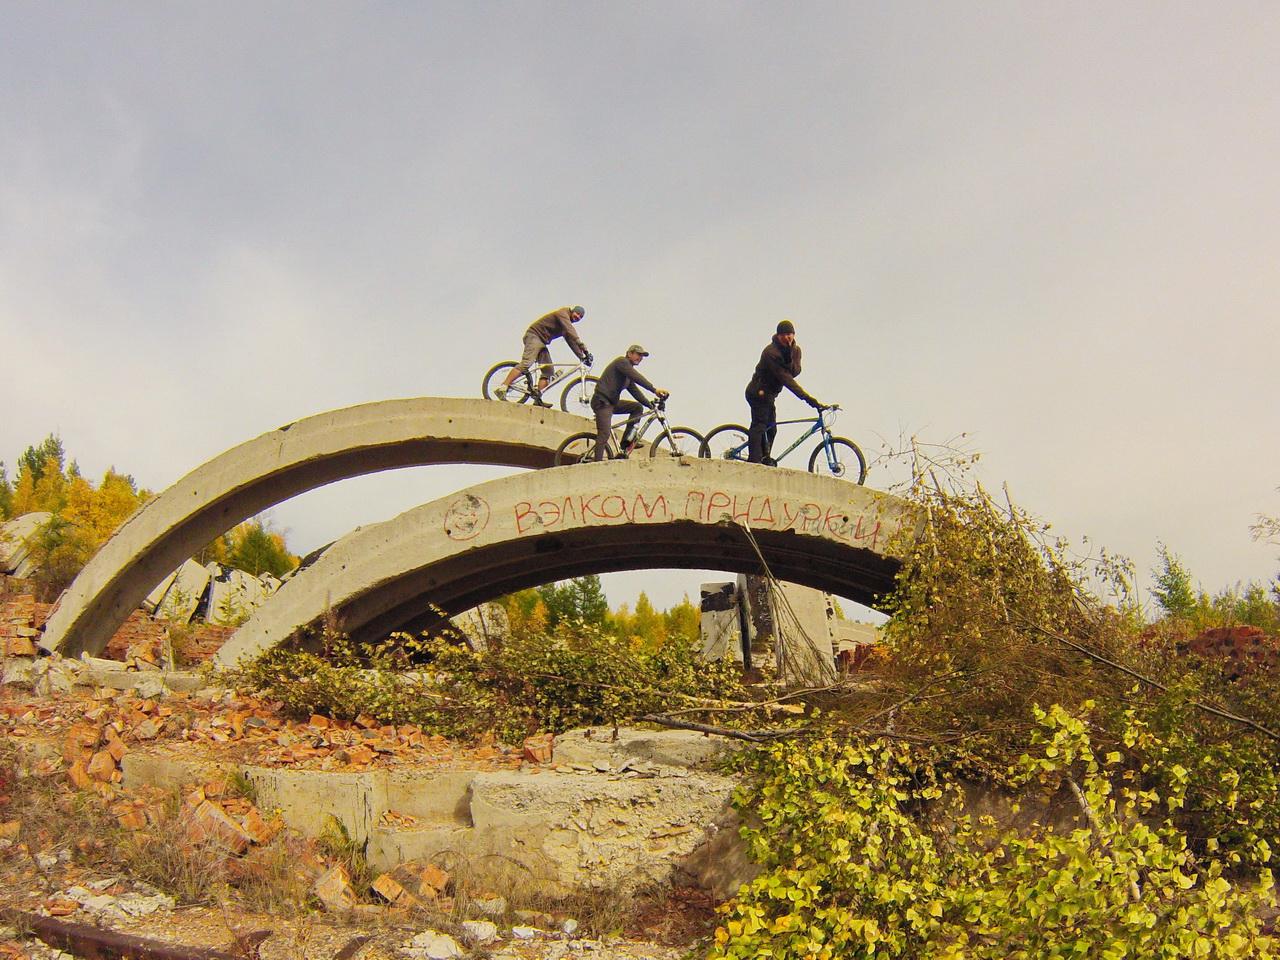 Забрались на велосипедах на бетонные арки с надписью Велкам придурки